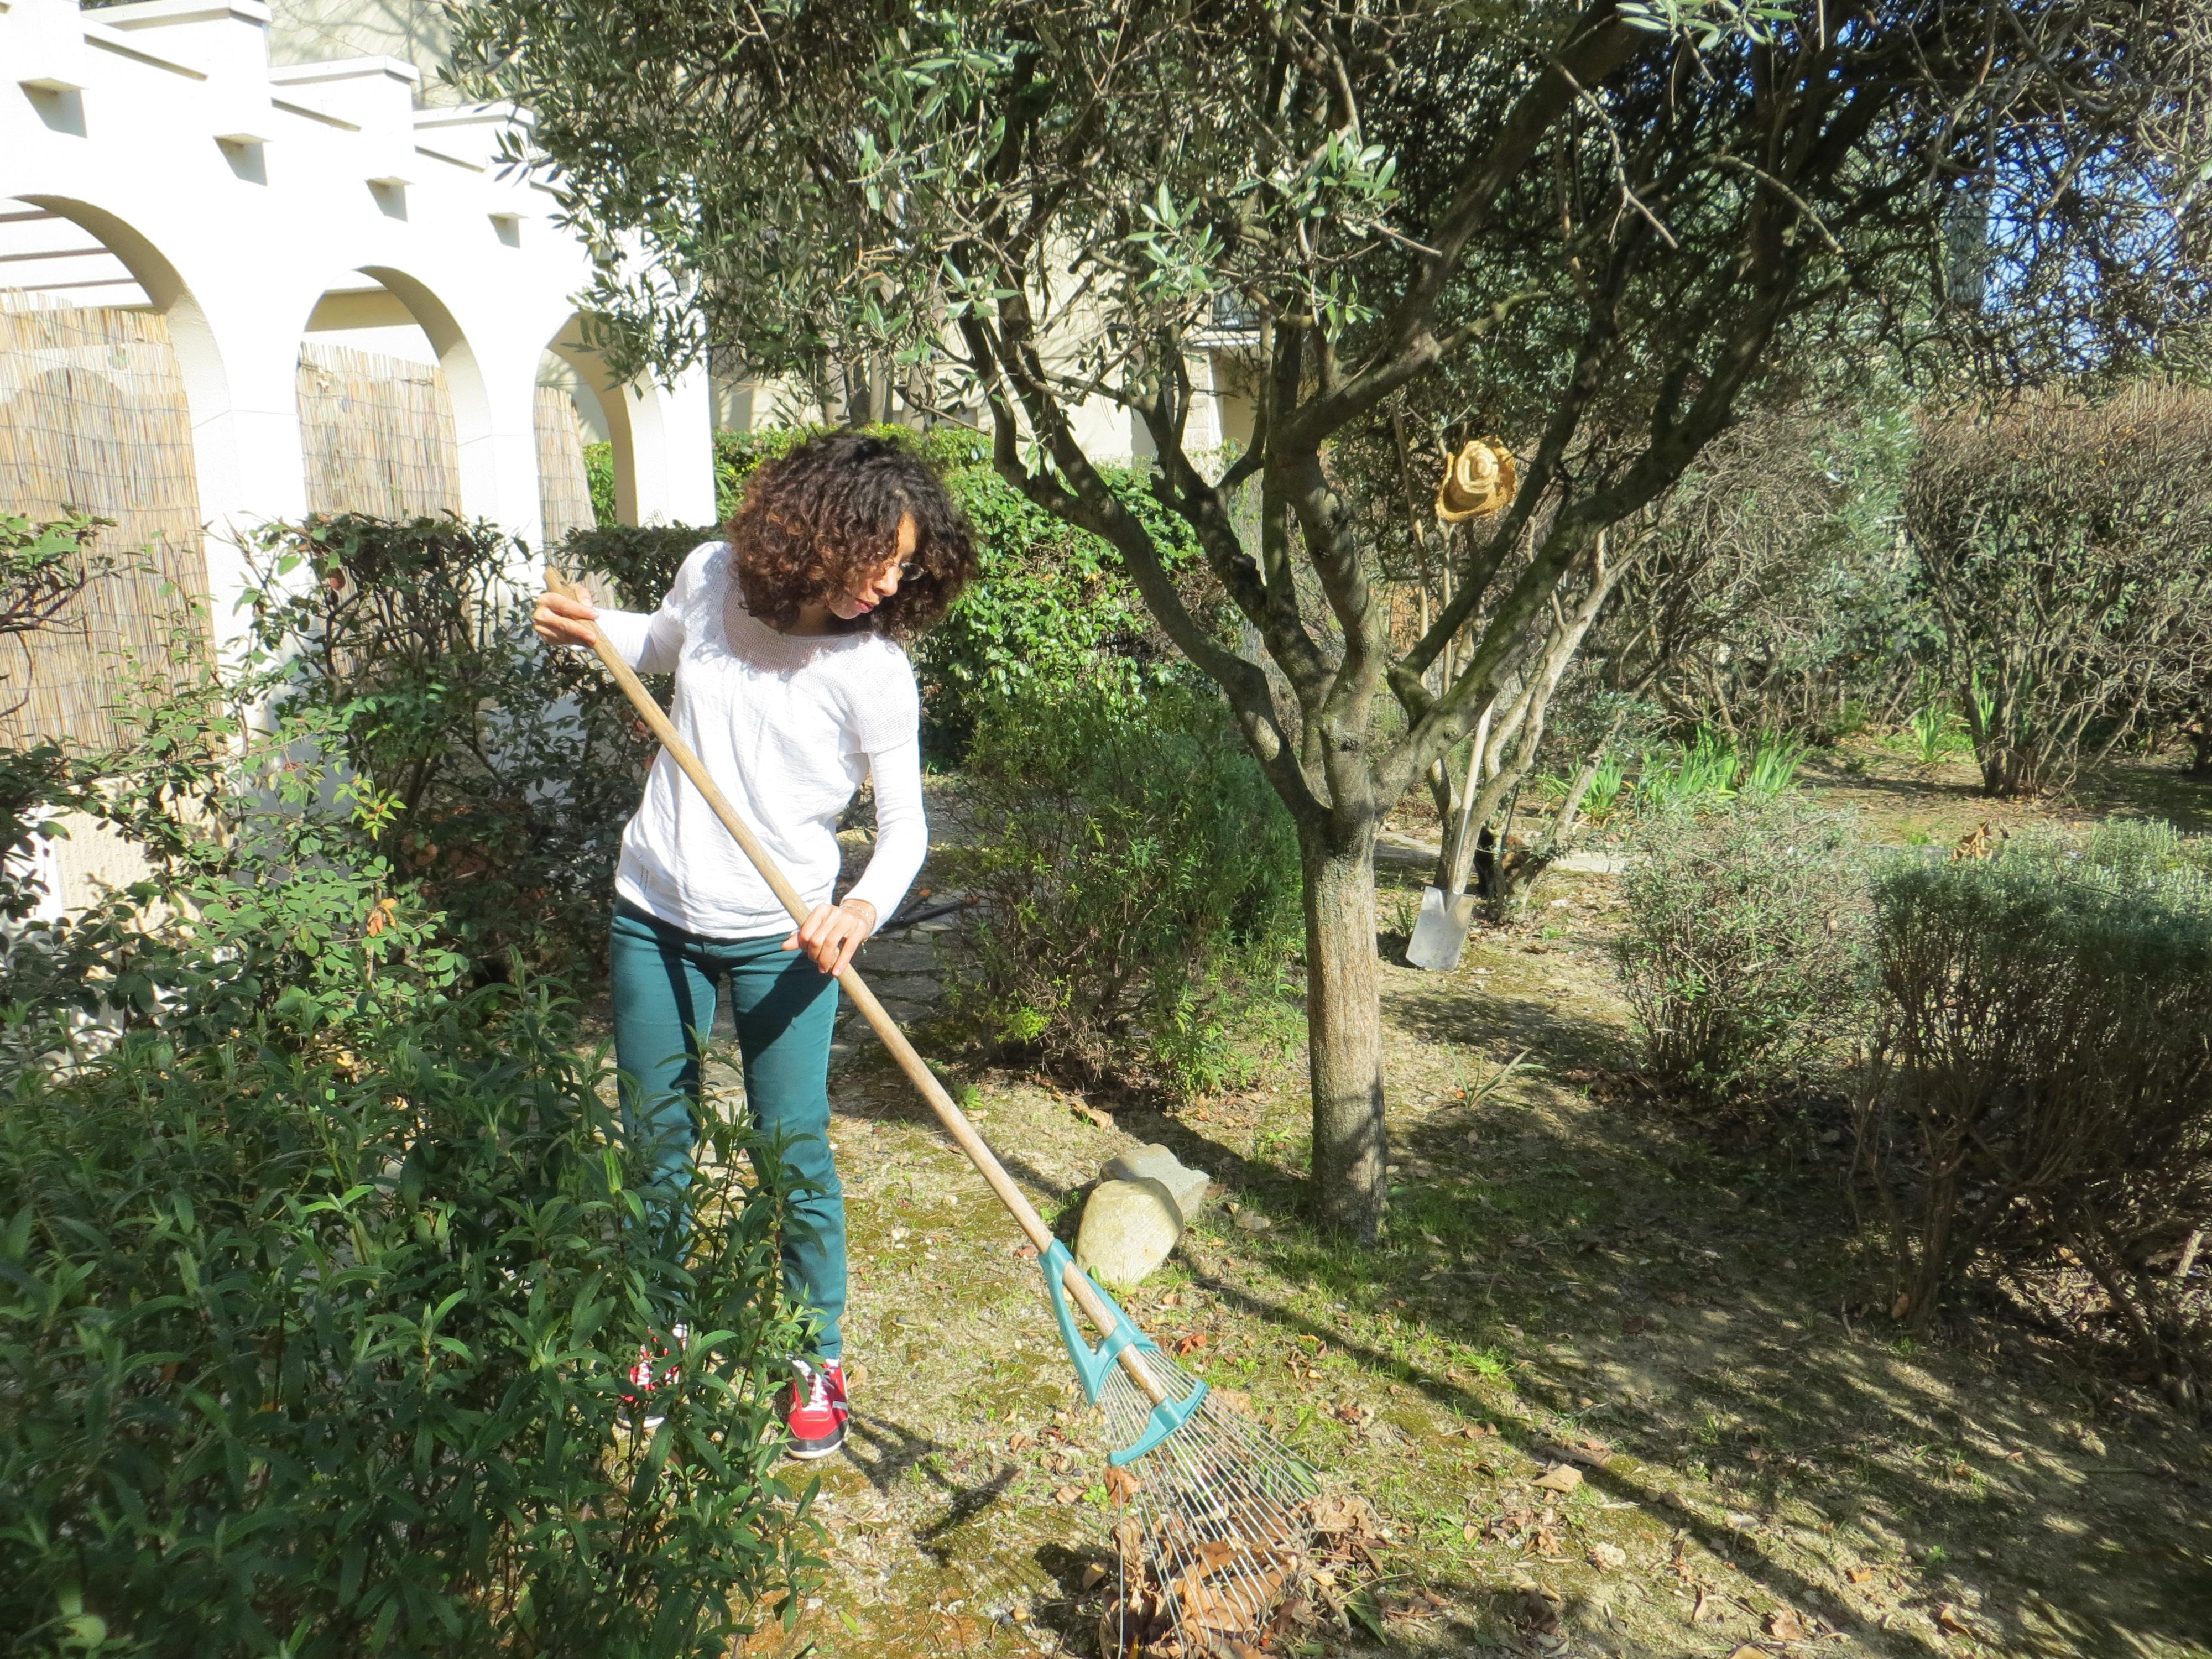 Nettoyage d'un parterre d'arbustes